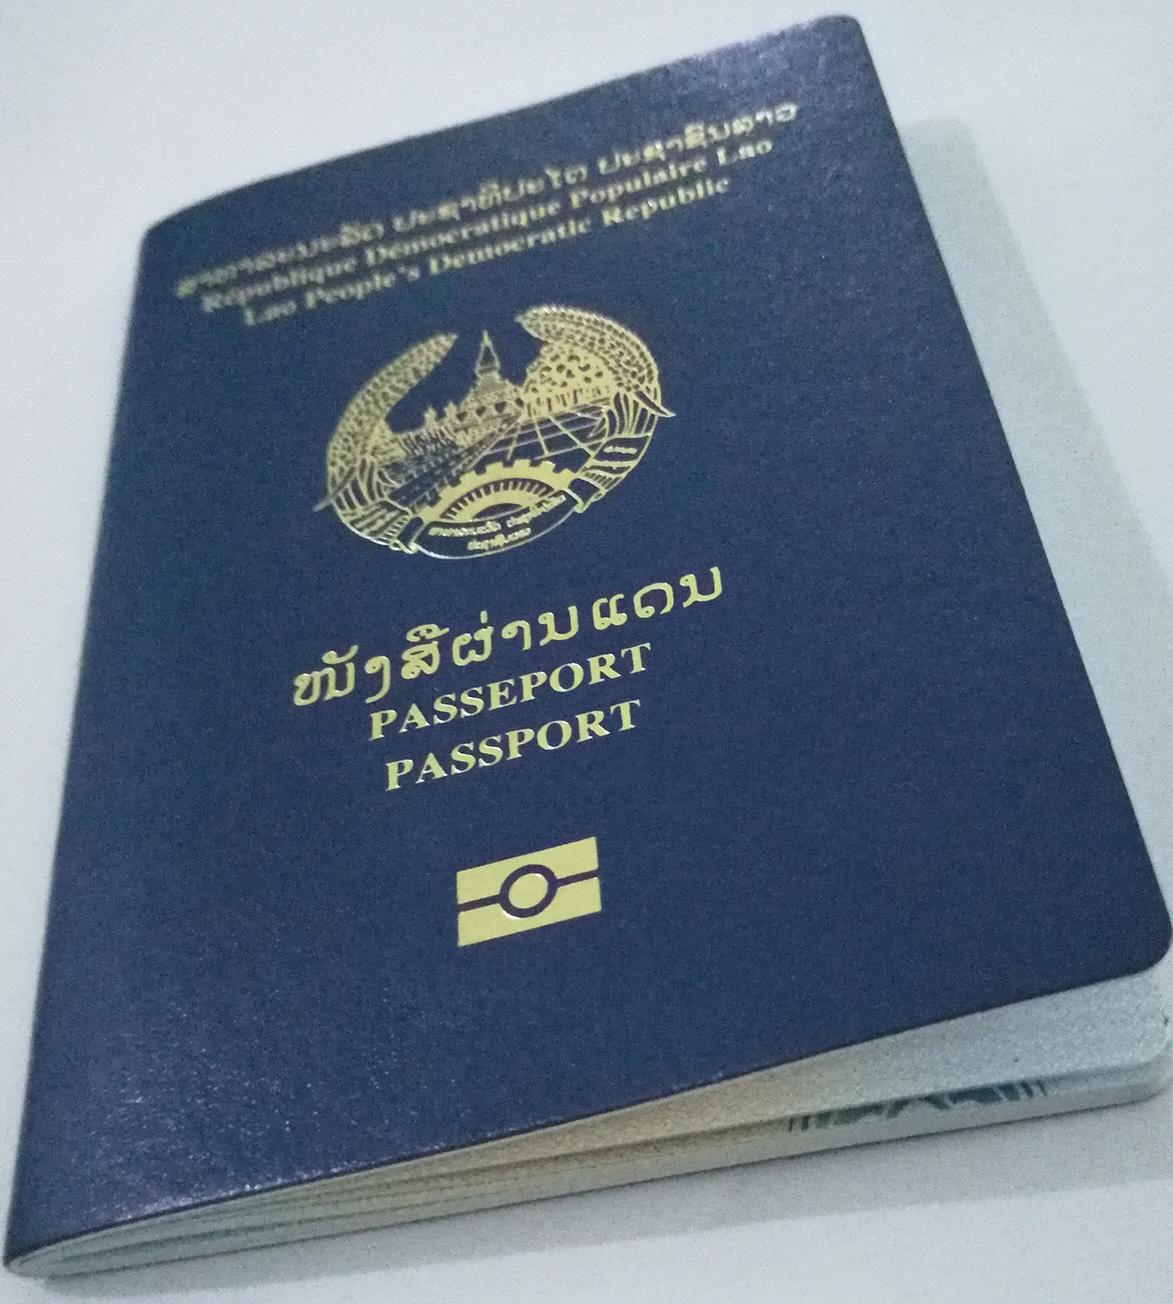 Thông tin về địa chỉ, giờ làm việc của Tổng Lãnh sự quán và Đại sứ quán Lào tại Việt Nam - Ảnh 3.